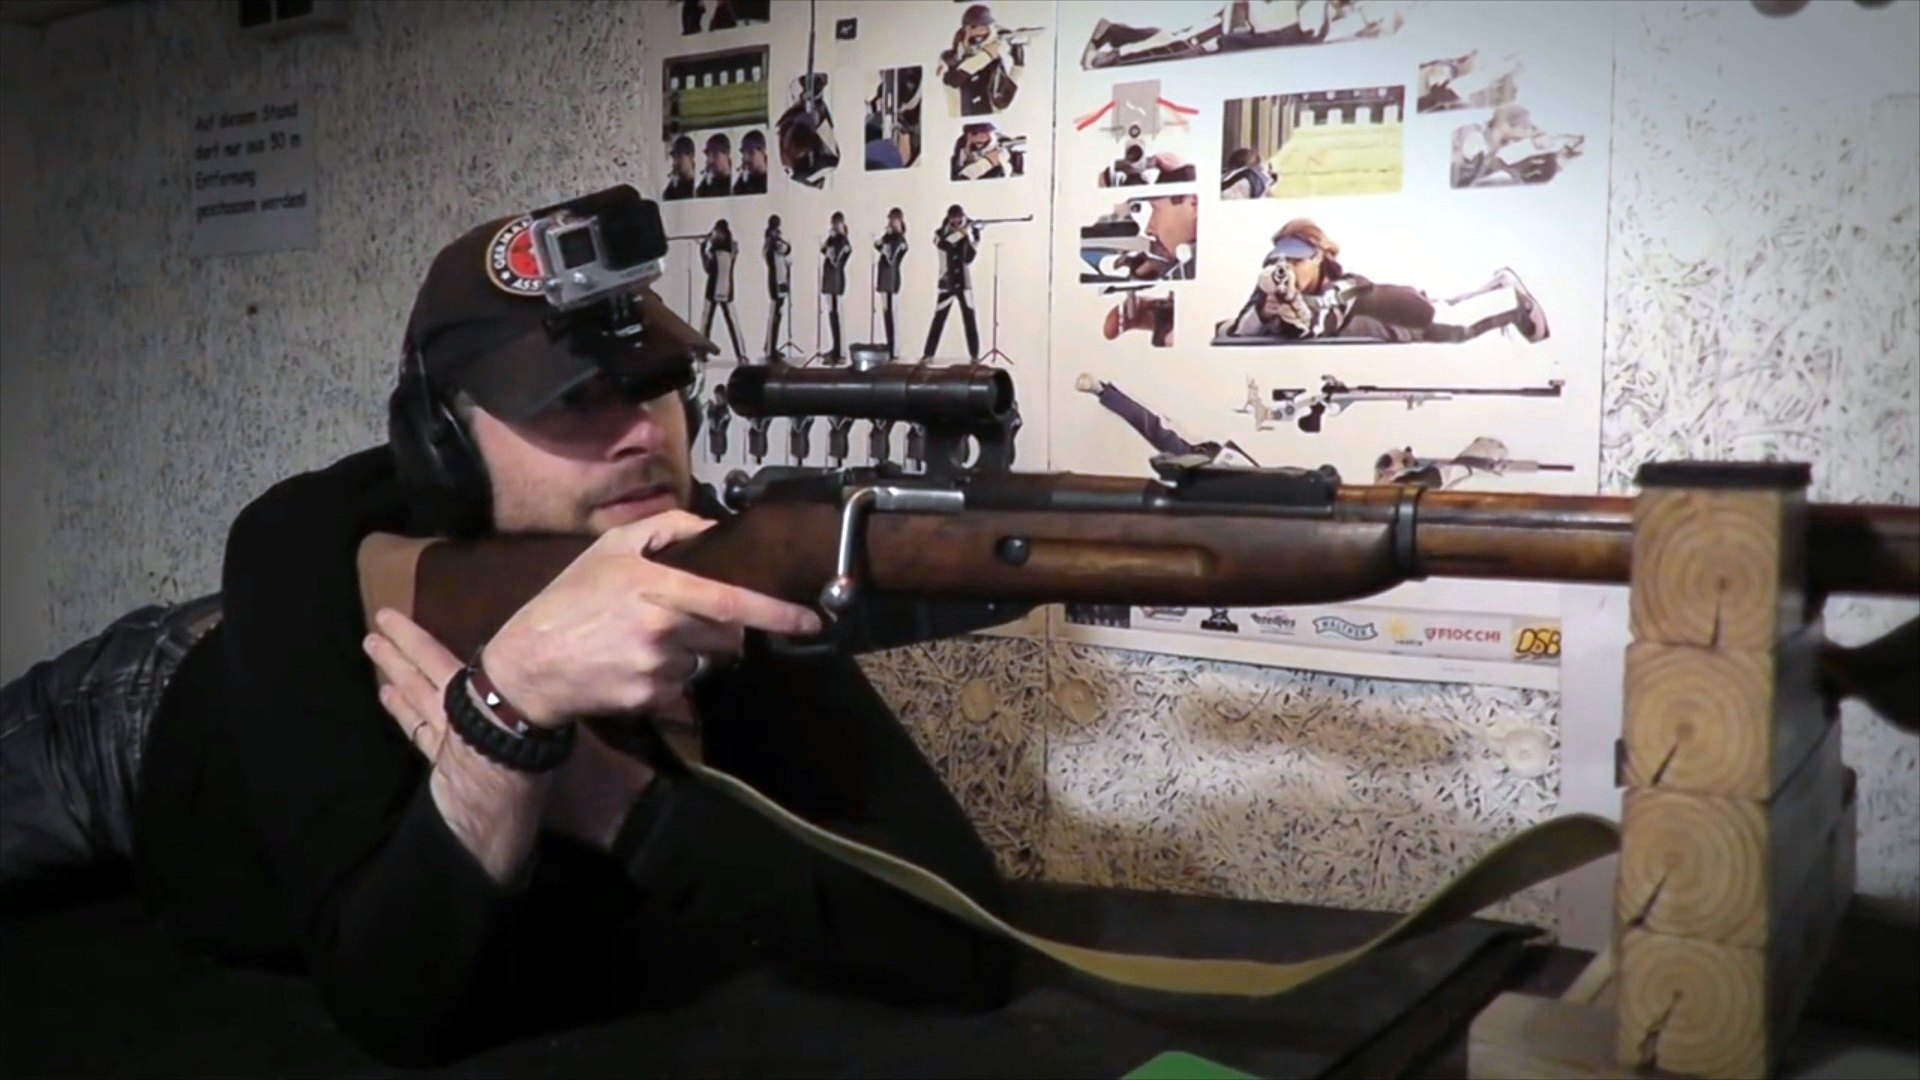 Meine Waffe und ich – Schießen ist mein Alltag, Marc Schieferdecker, Let's Shoot, Waffen